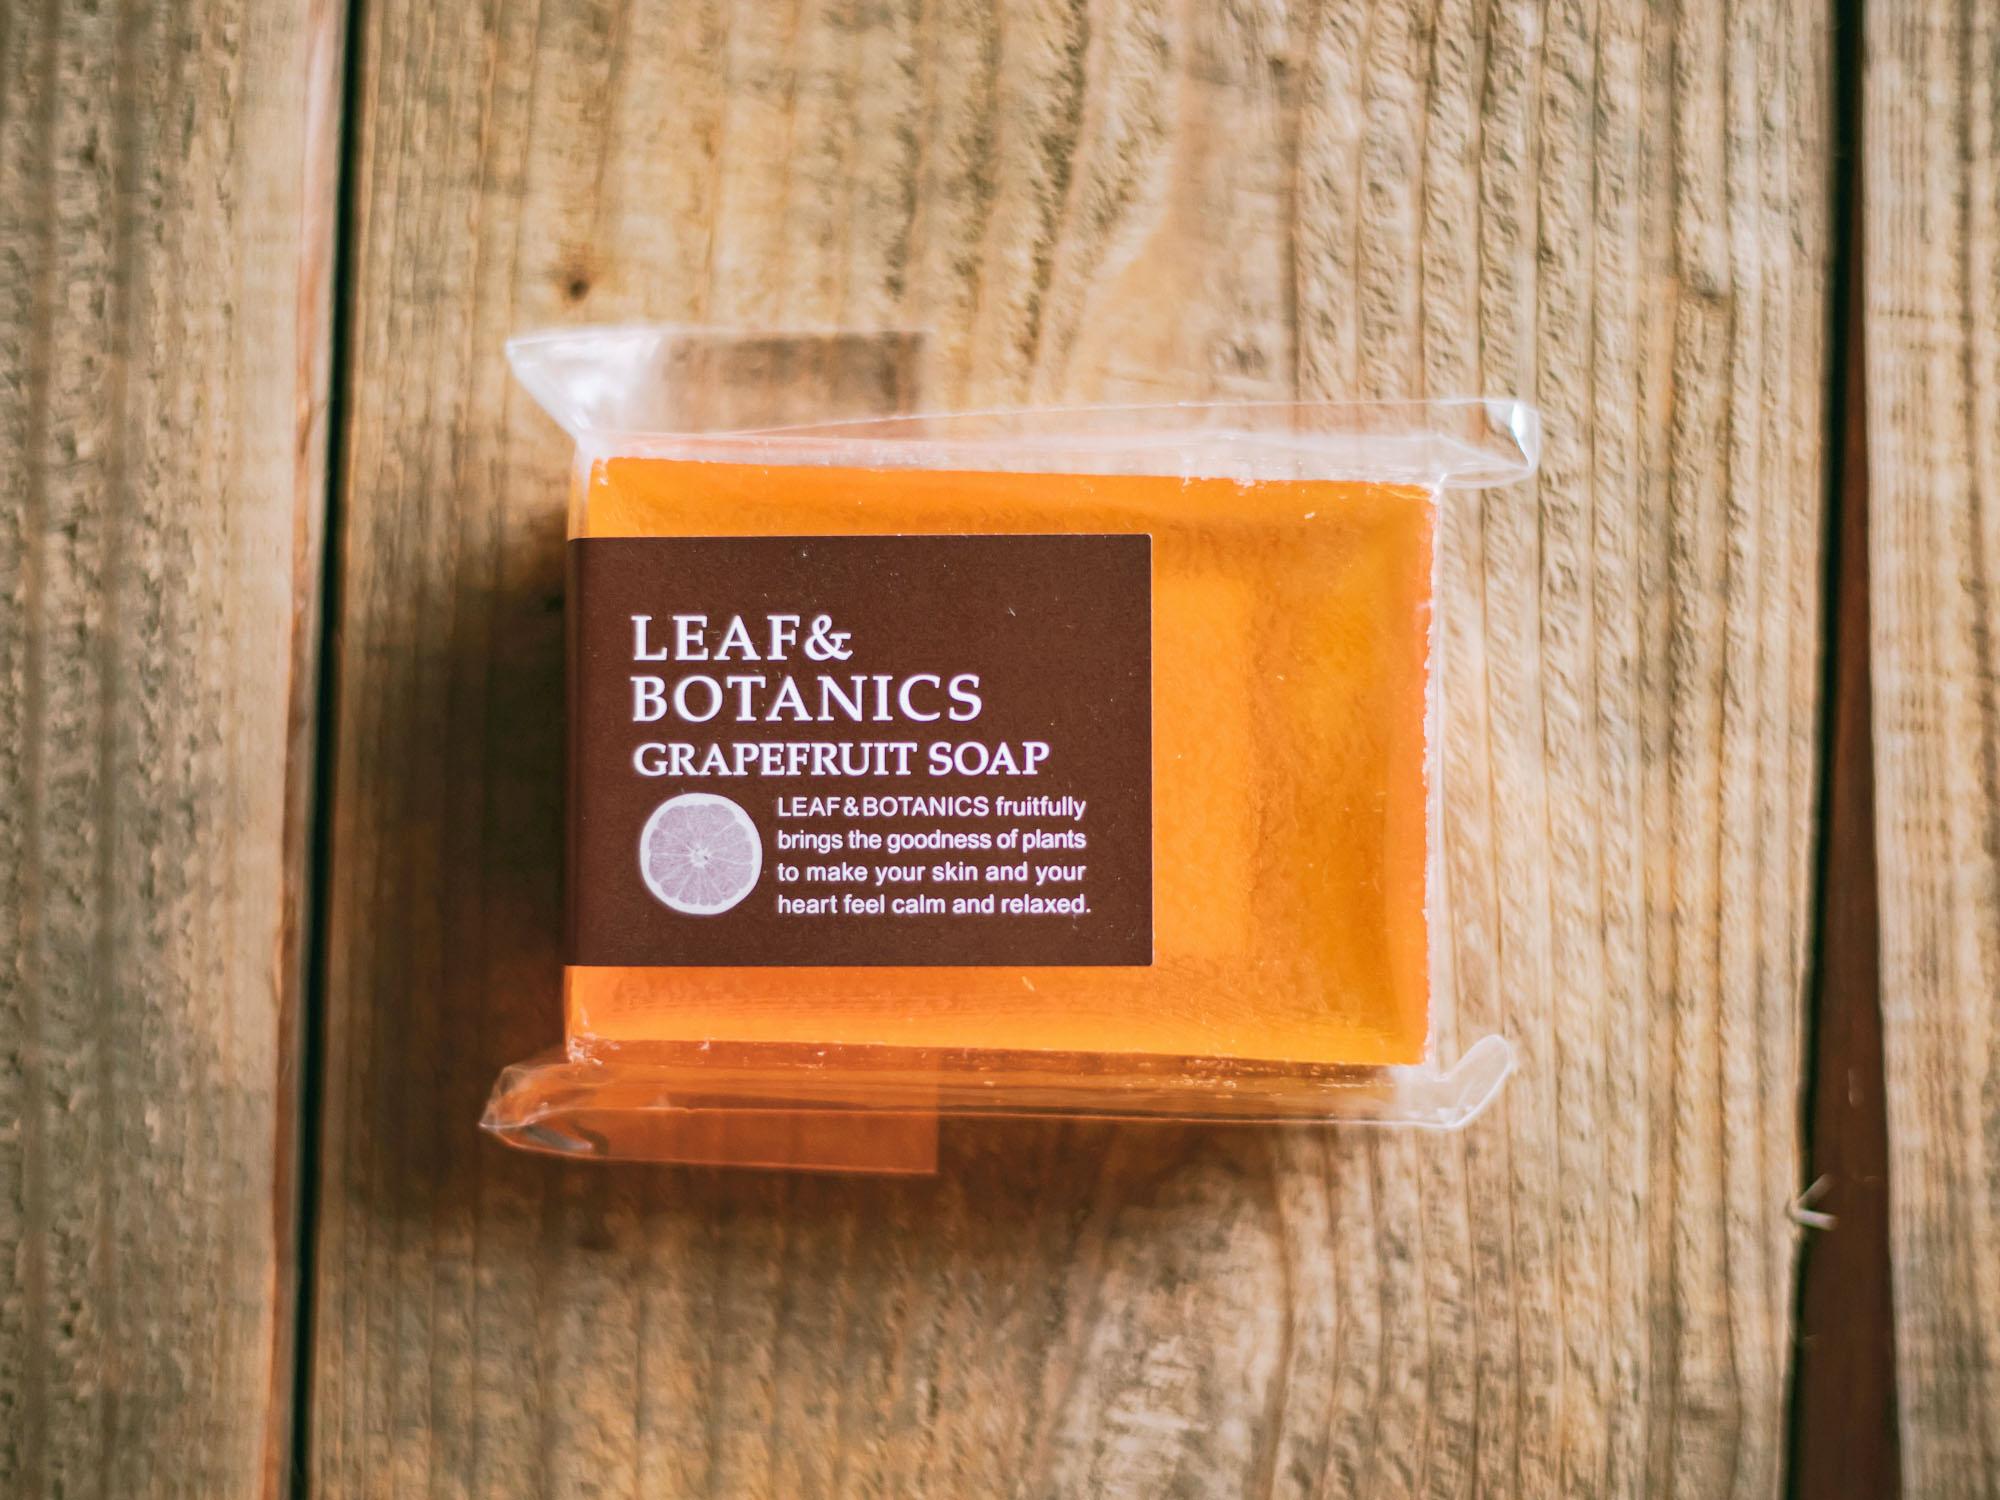 松山油脂 LEAF&BOTANICS マザーソープ グレープフルーツ